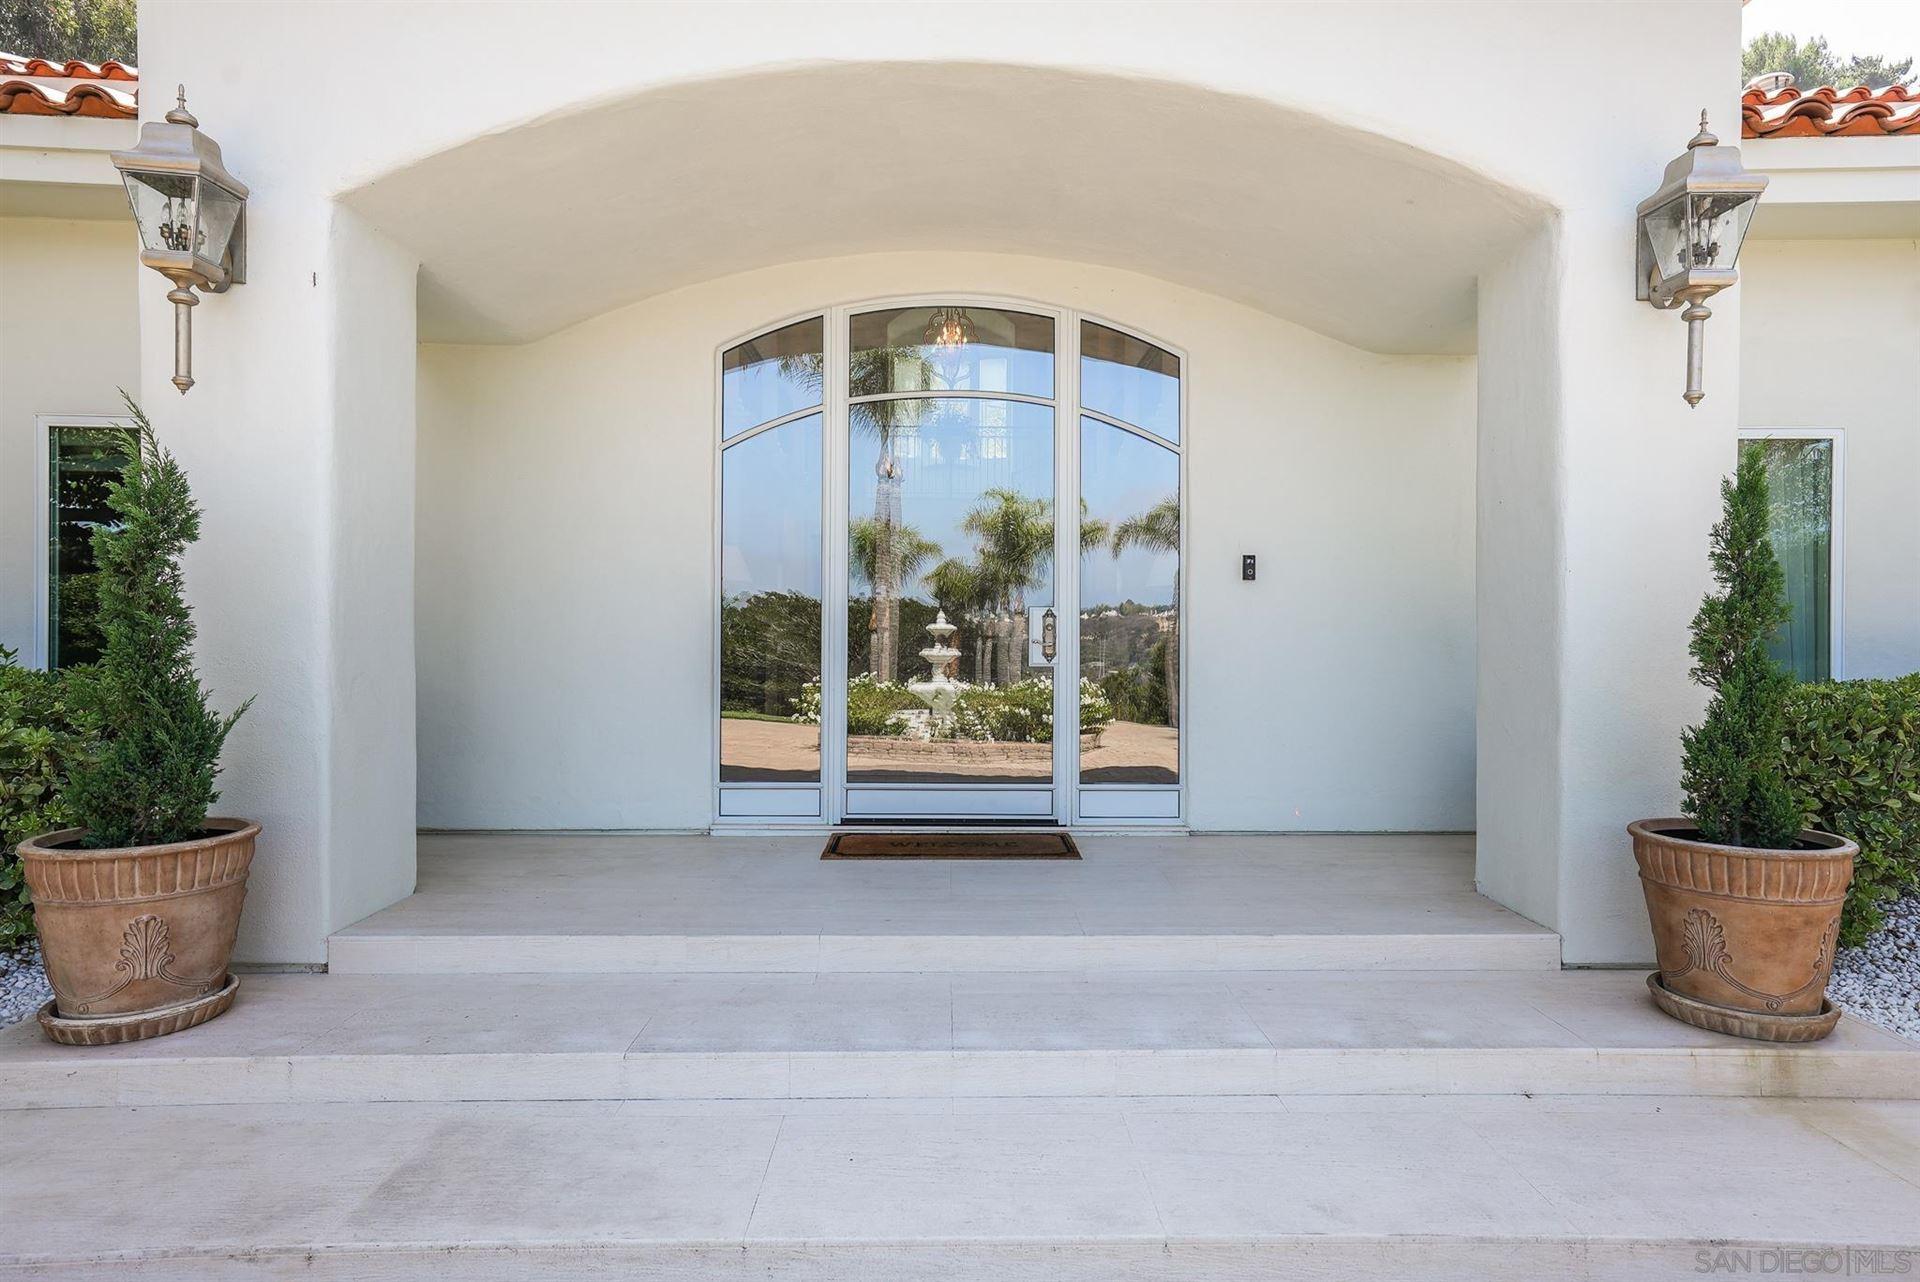 Photo of 4540 Los Pinos, Rancho Santa Fe, CA 92067 (MLS # 210025557)